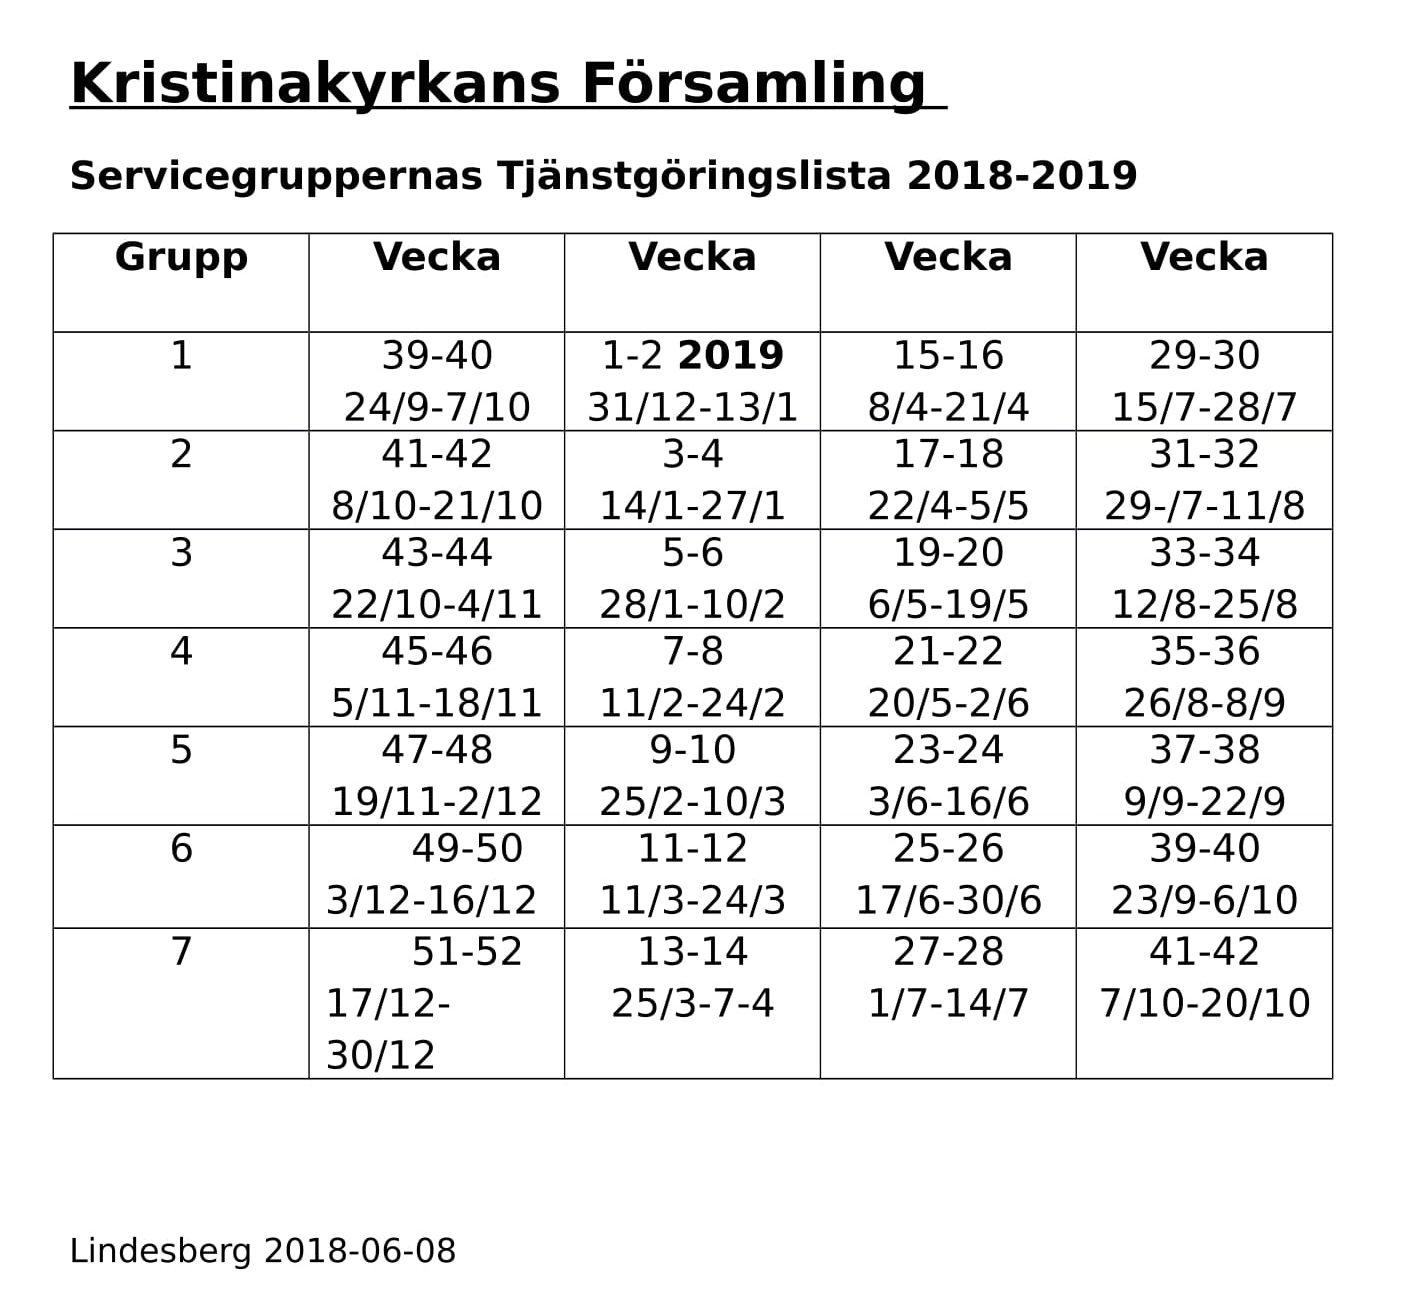 Servvicegruppernas tjänstgöringslista 2018-2019-1